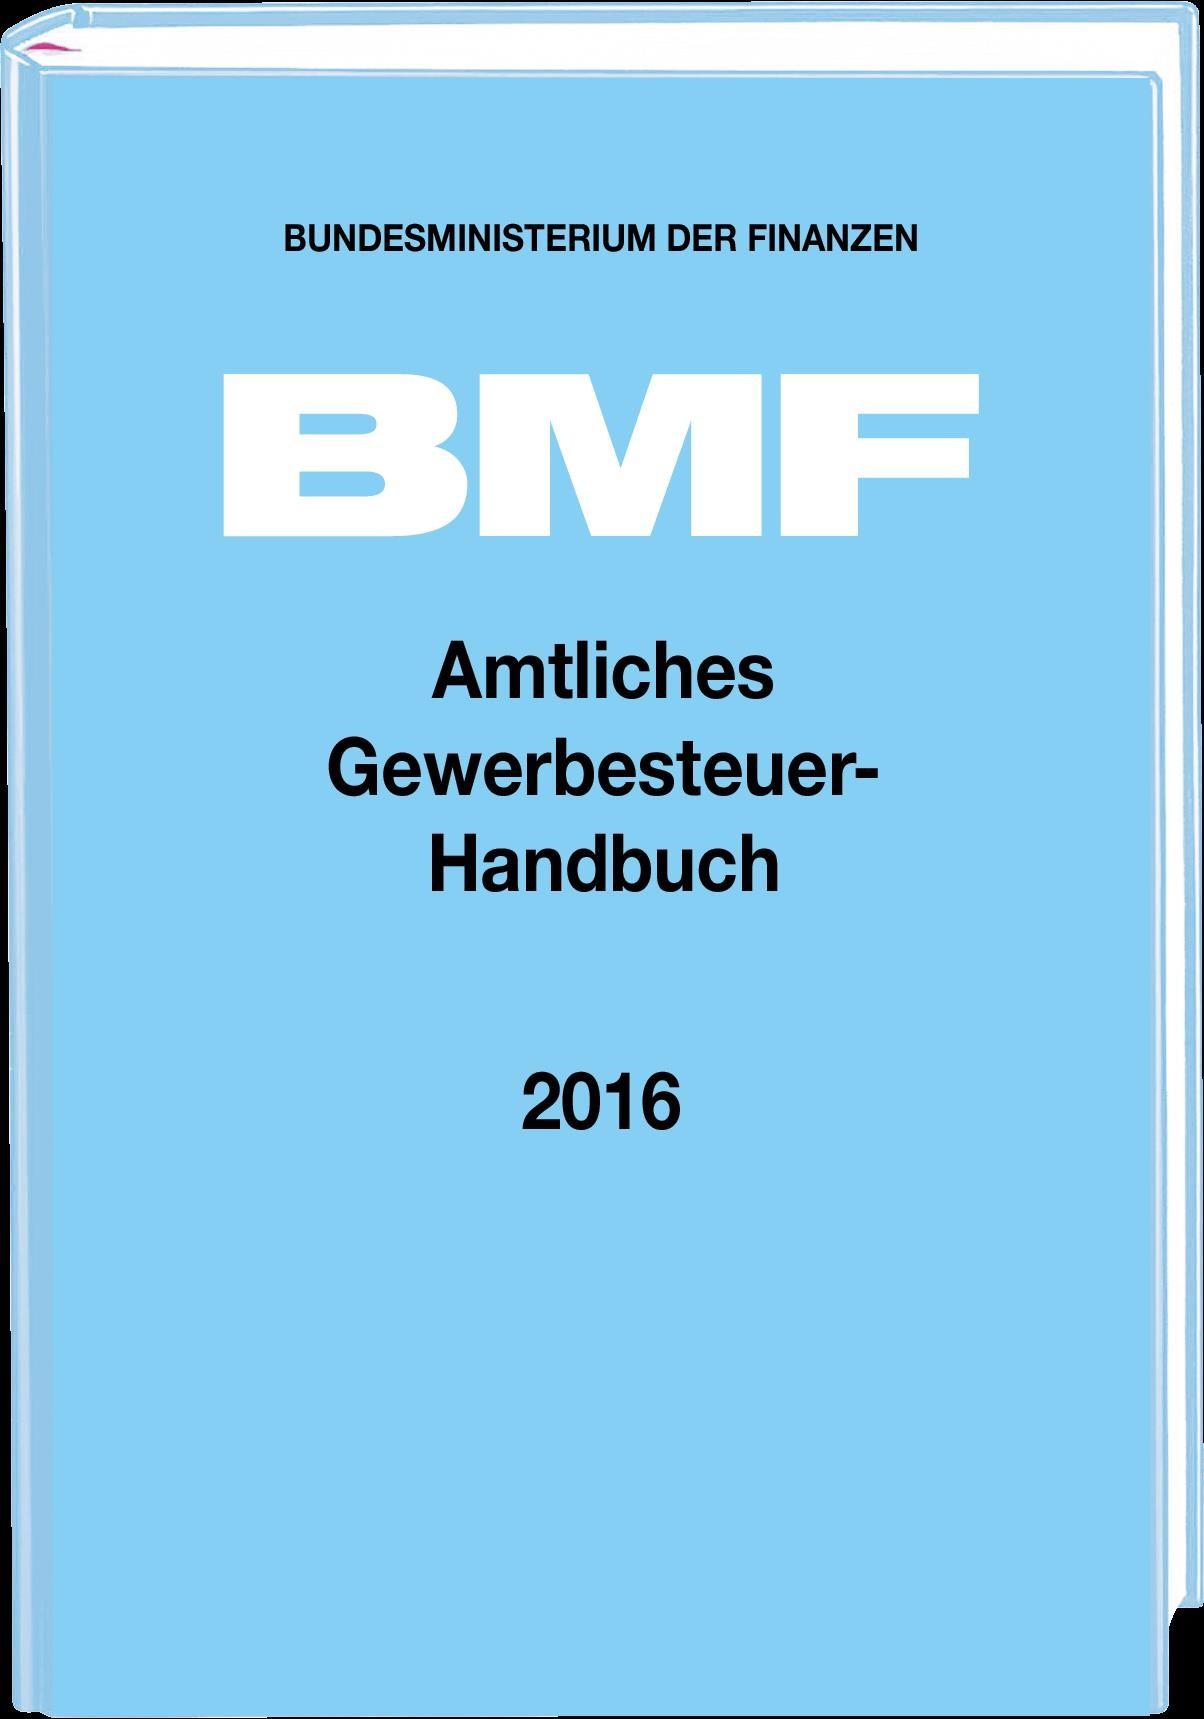 Amtliches Gewerbesteuer-Handbuch 2016   Bundesministerium der Finanzen, 2017   Buch (Cover)